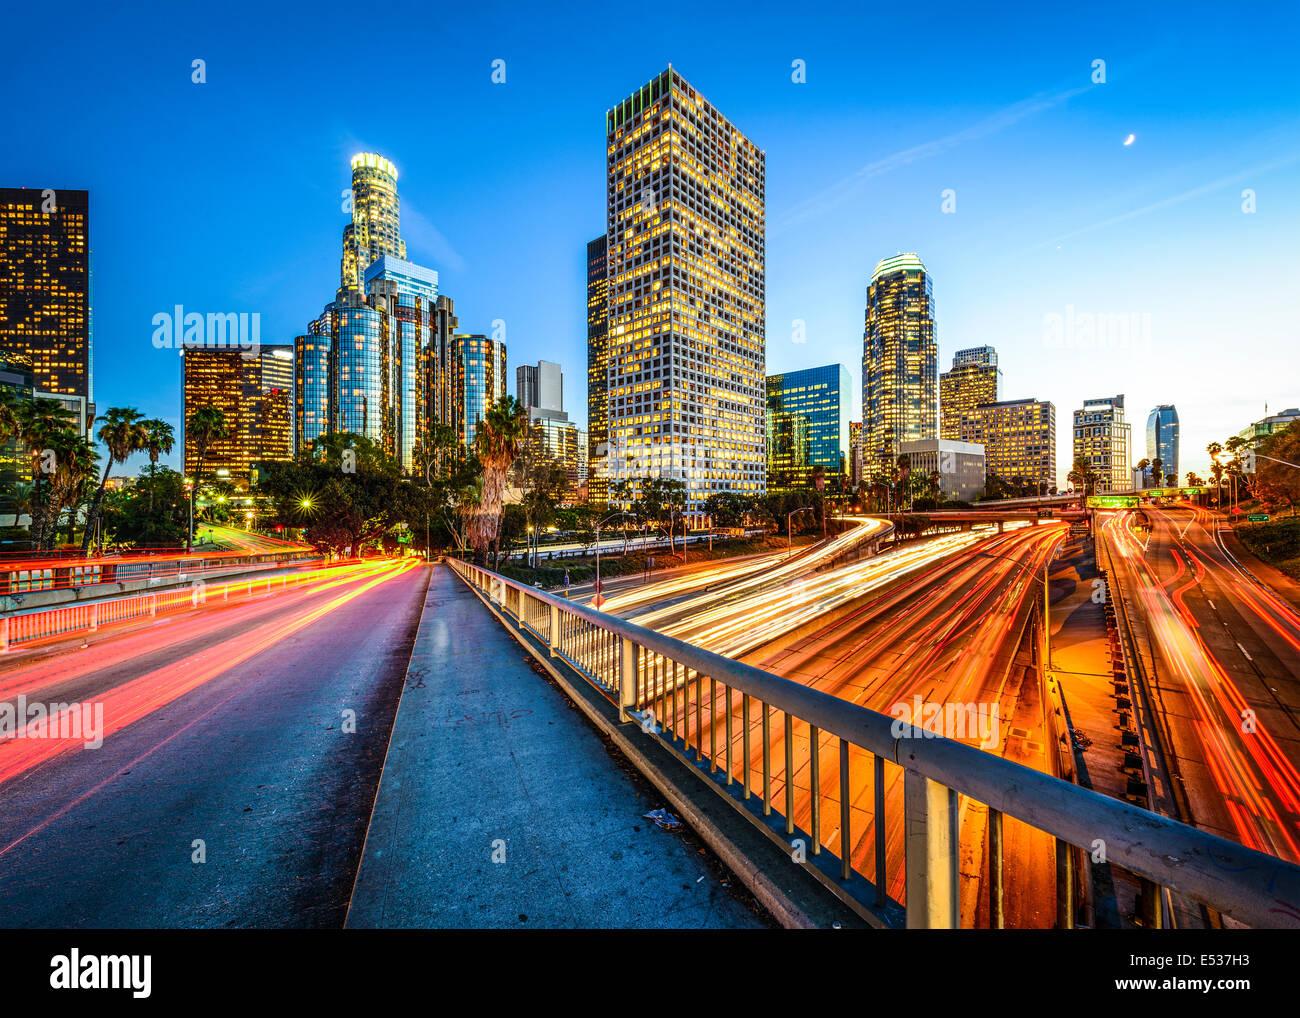 Los Angeles, California, EE.UU., ciudad en la noche. Imagen De Stock